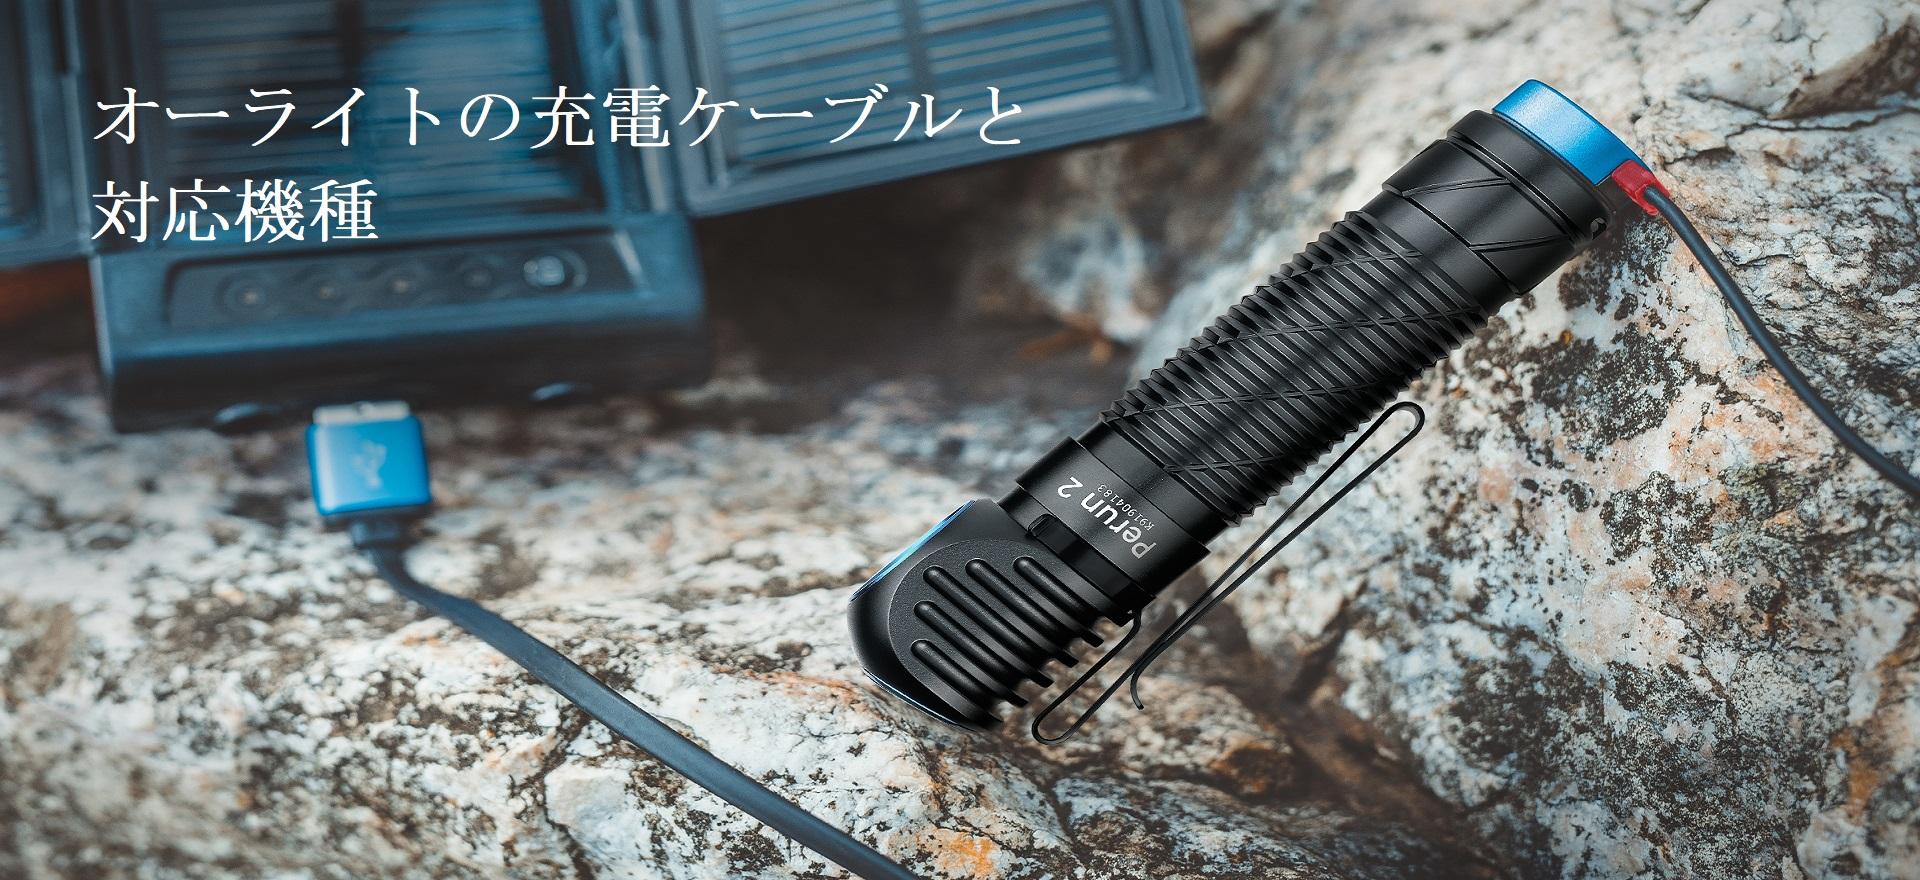 Olightの充電ケーブルと対応機種の紹介